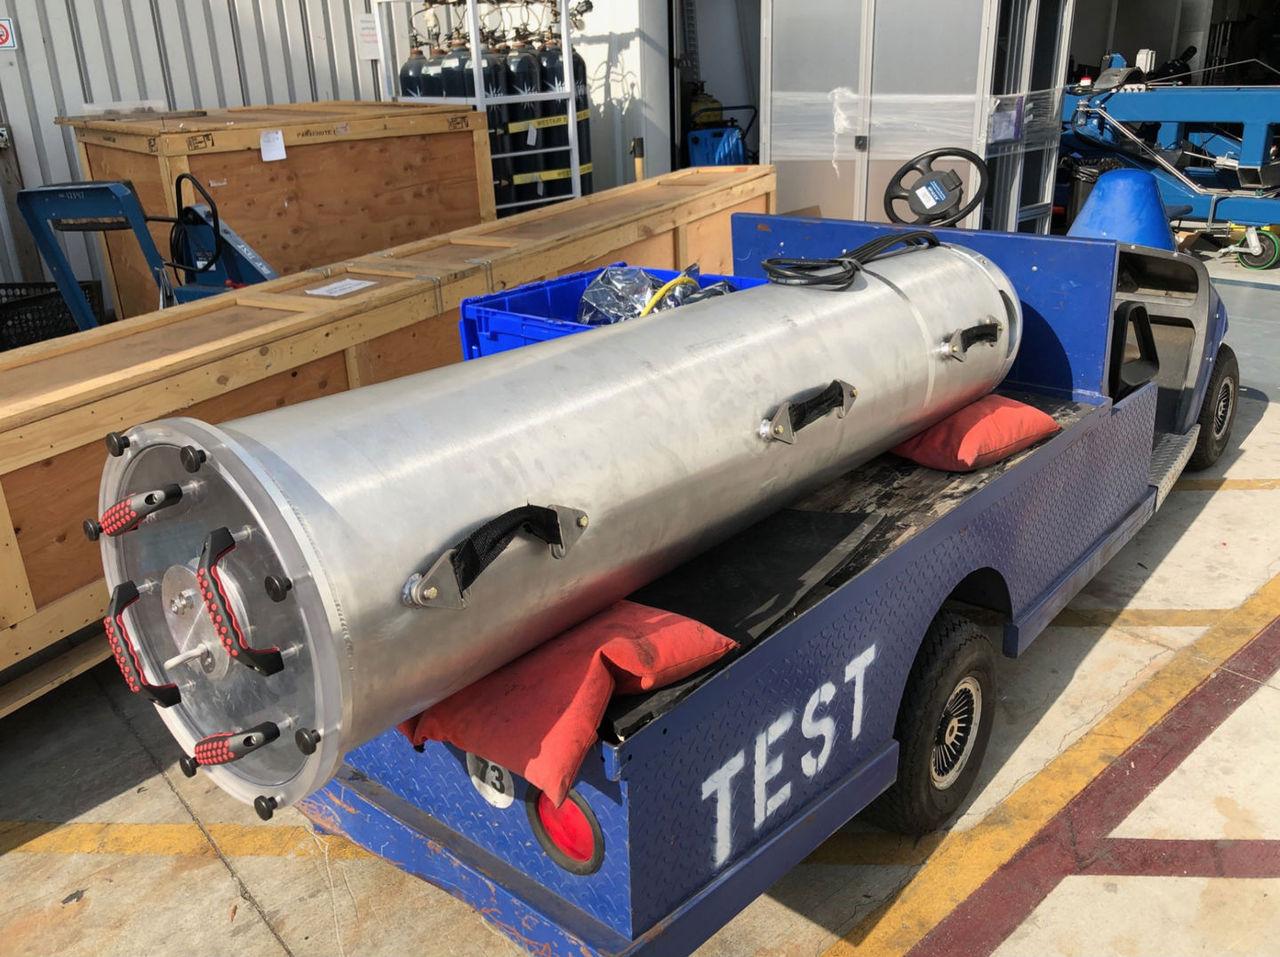 Elon Musk bygger ubåt för att rädda thailändskt fotbollslag